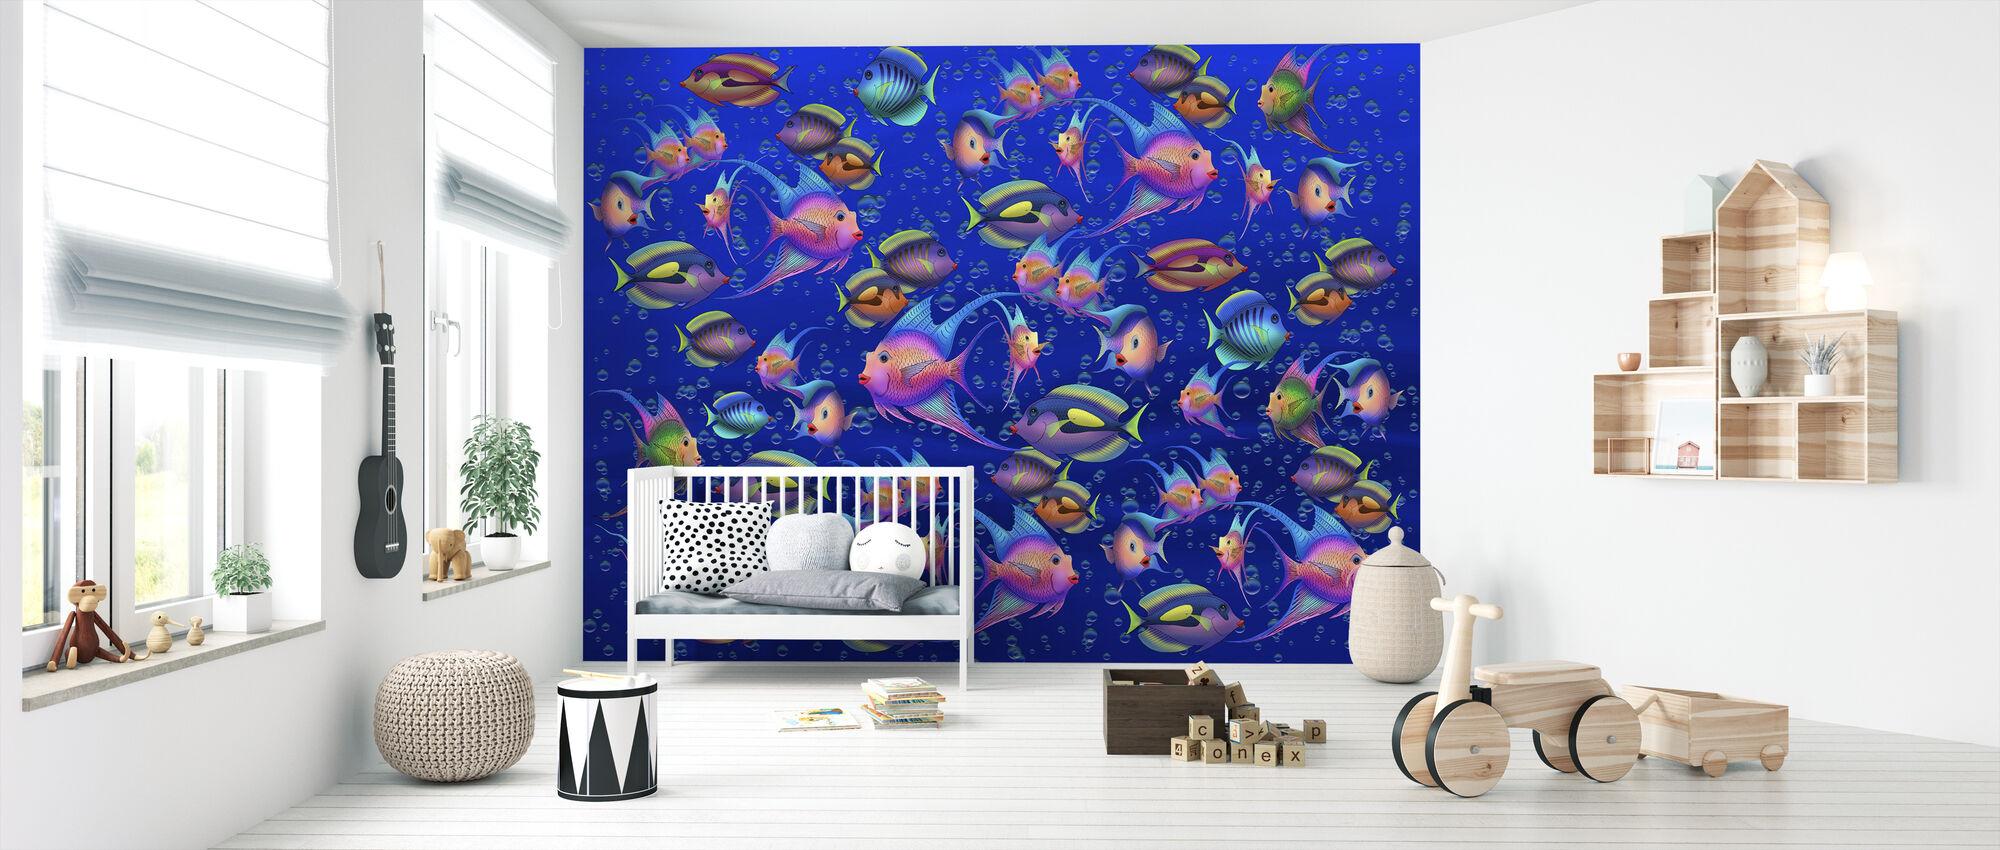 Fantasy Kala II - Tapetti - Vauvan huone